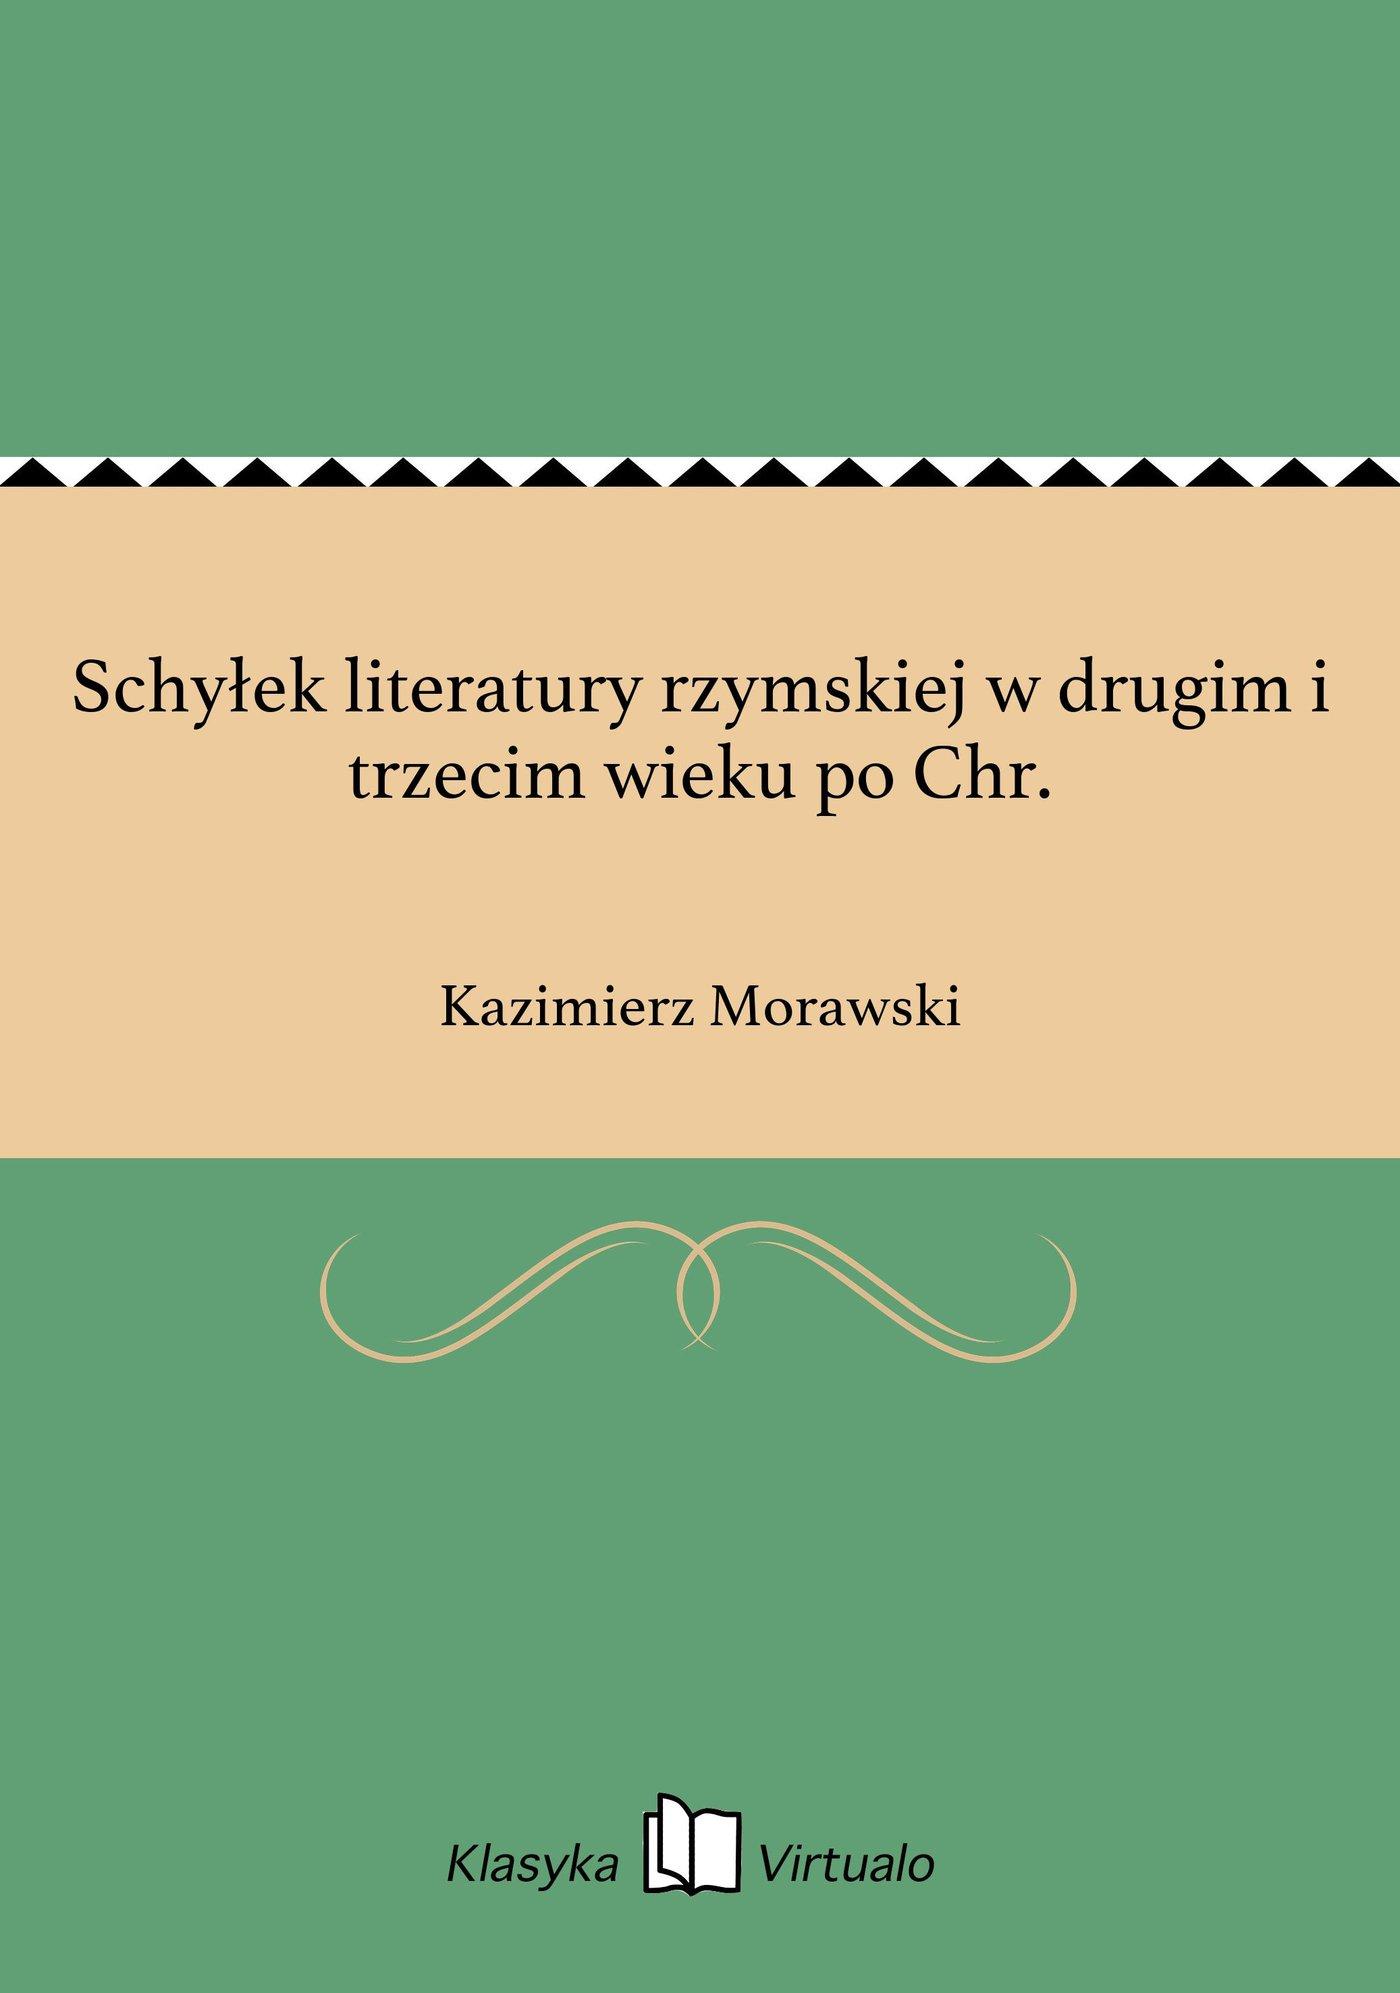 Schyłek literatury rzymskiej w drugim i trzecim wieku po Chr. - Ebook (Książka EPUB) do pobrania w formacie EPUB